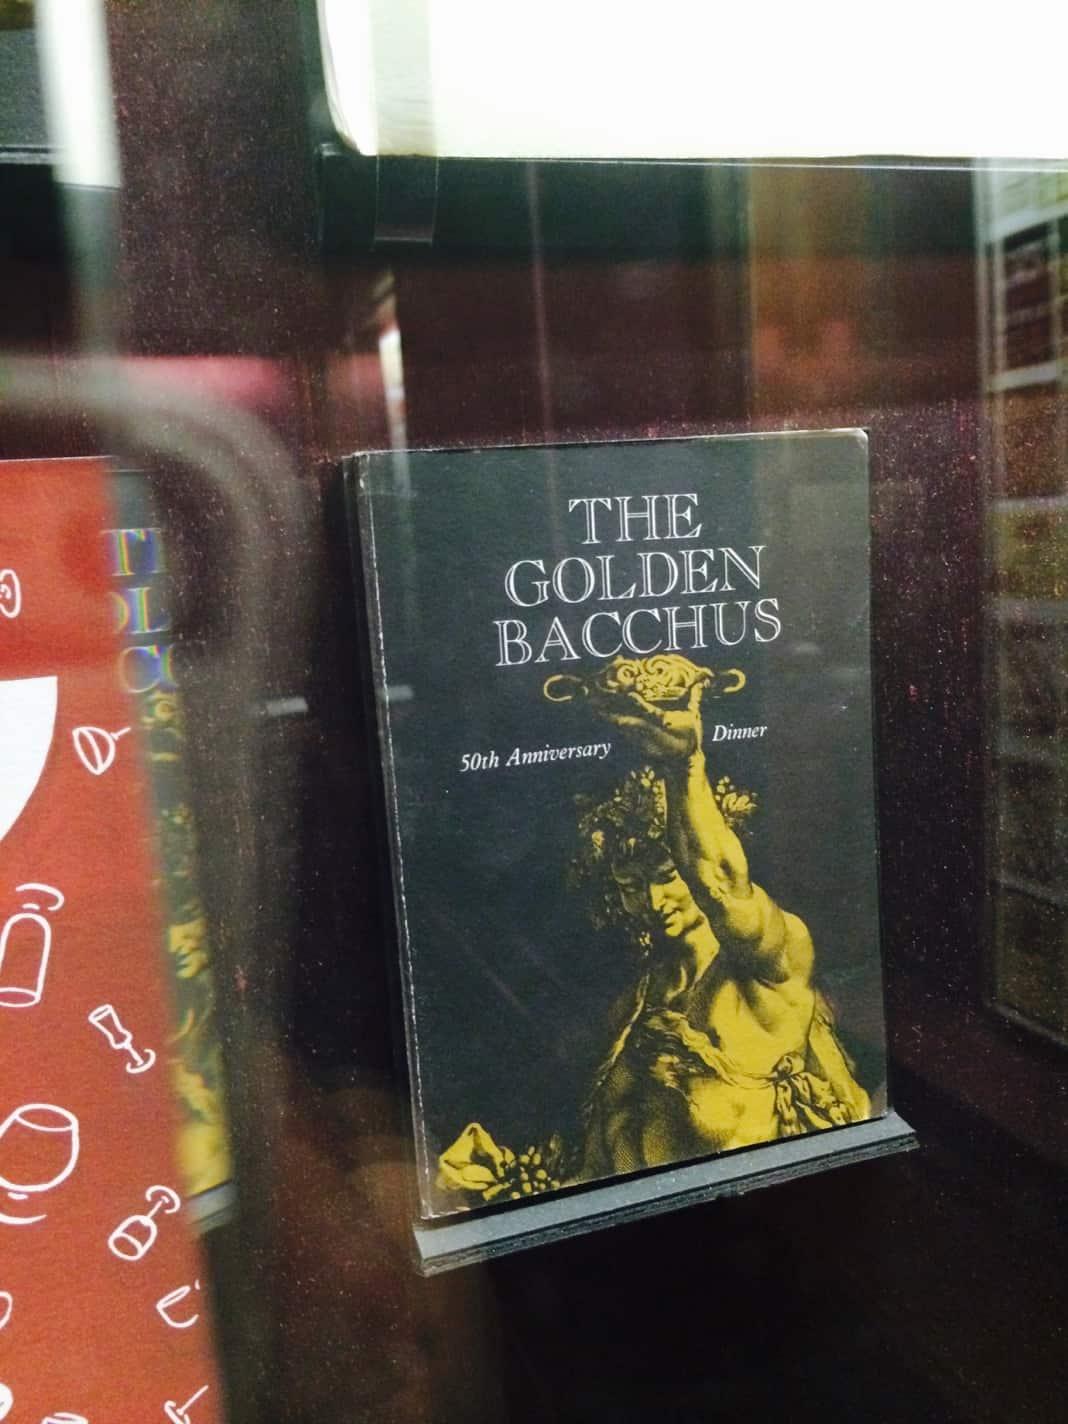 The Golden Bacchus